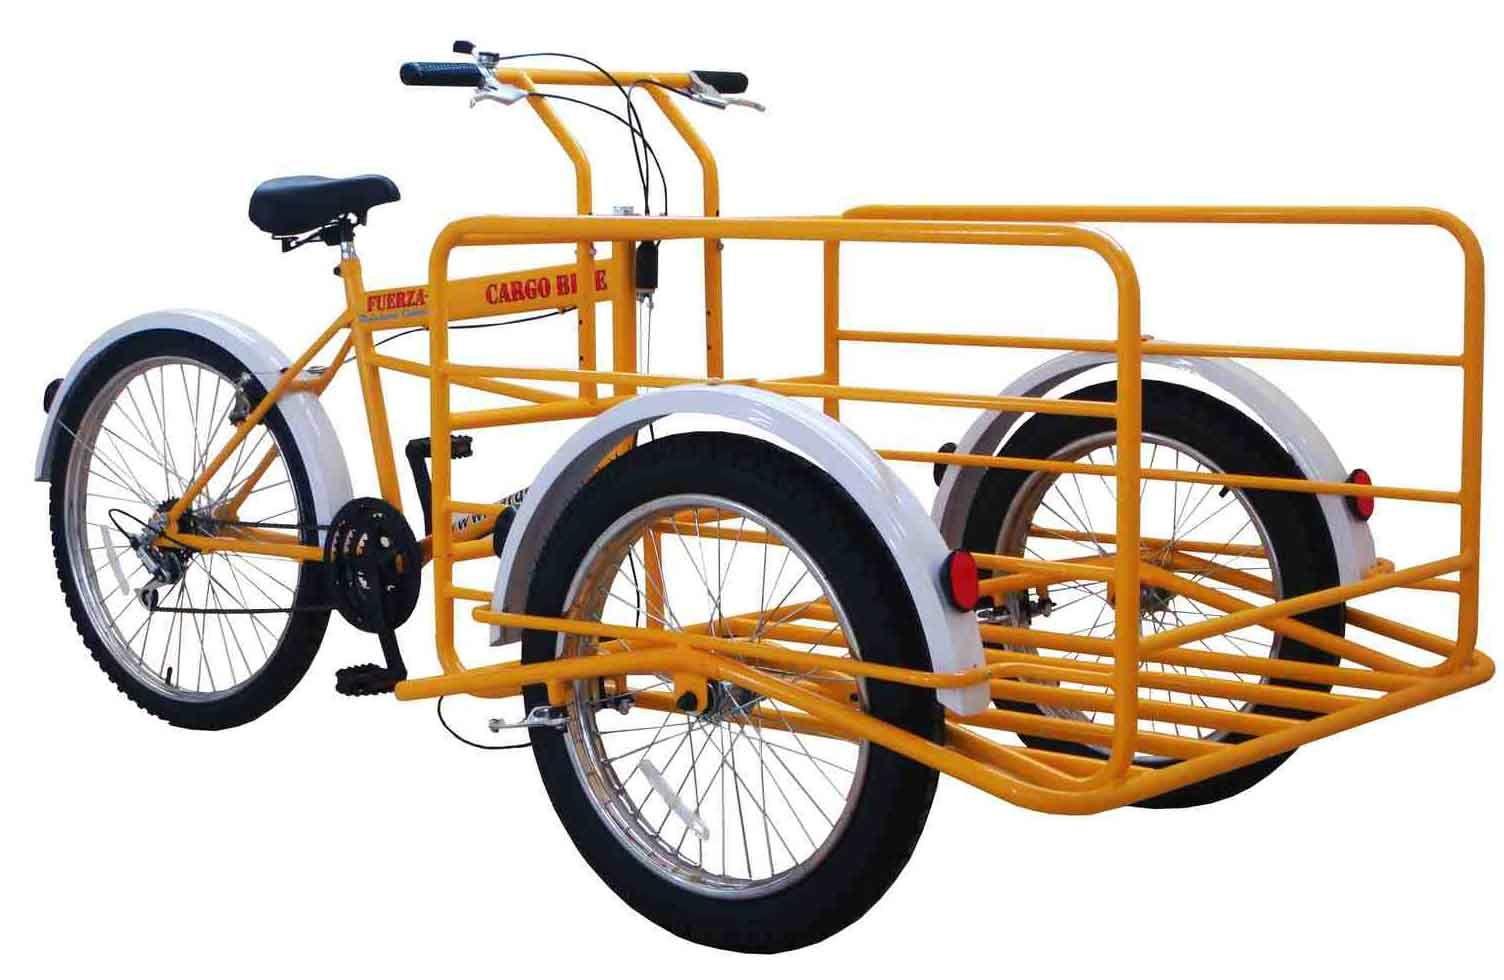 Catalogo Cargo Bike E Tricicli Da Carico E Trasporto Bici Da Carico